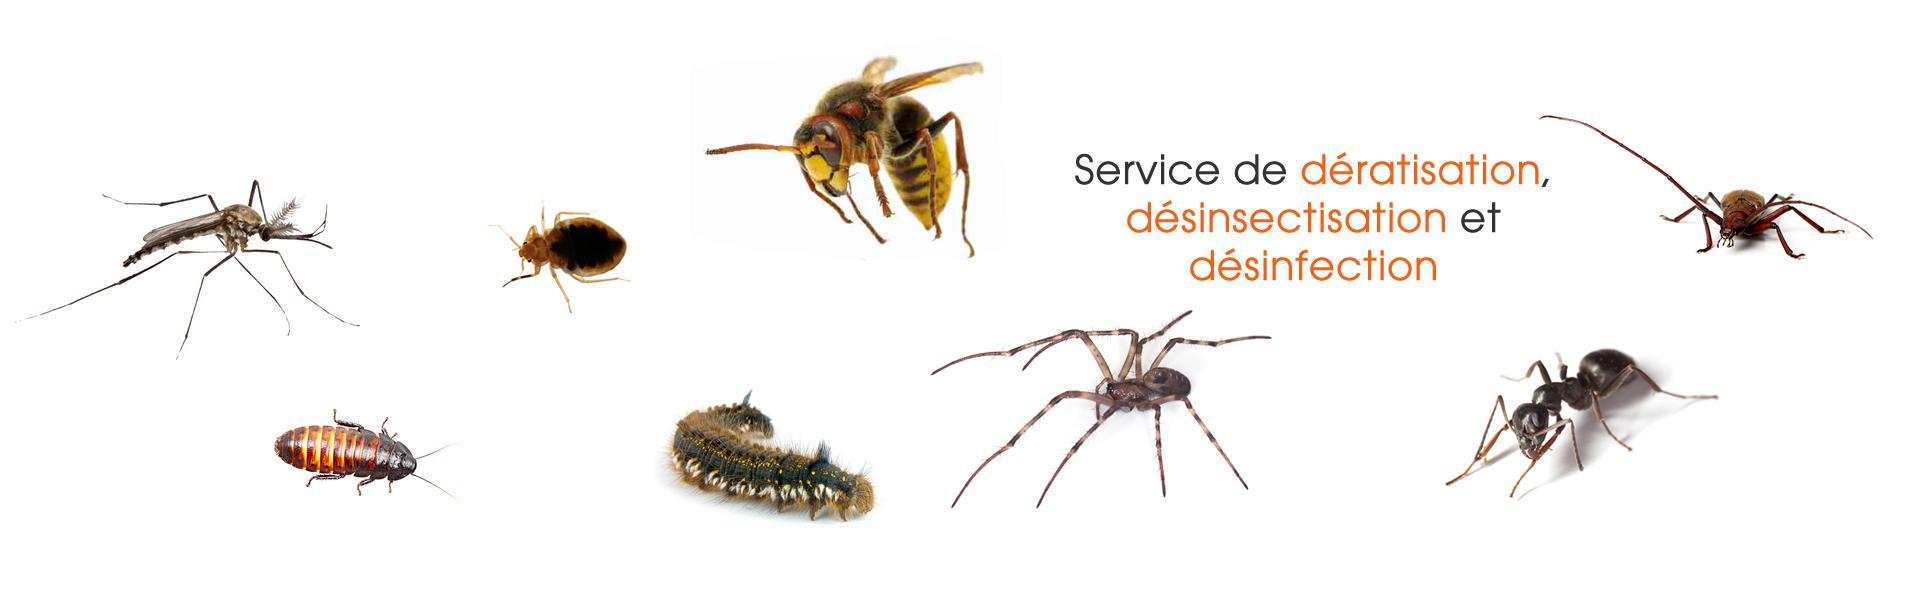 Fiches Descriptives Sur Les Insectes Nuisibles - encequiconcerne Les Noms Des Insectes